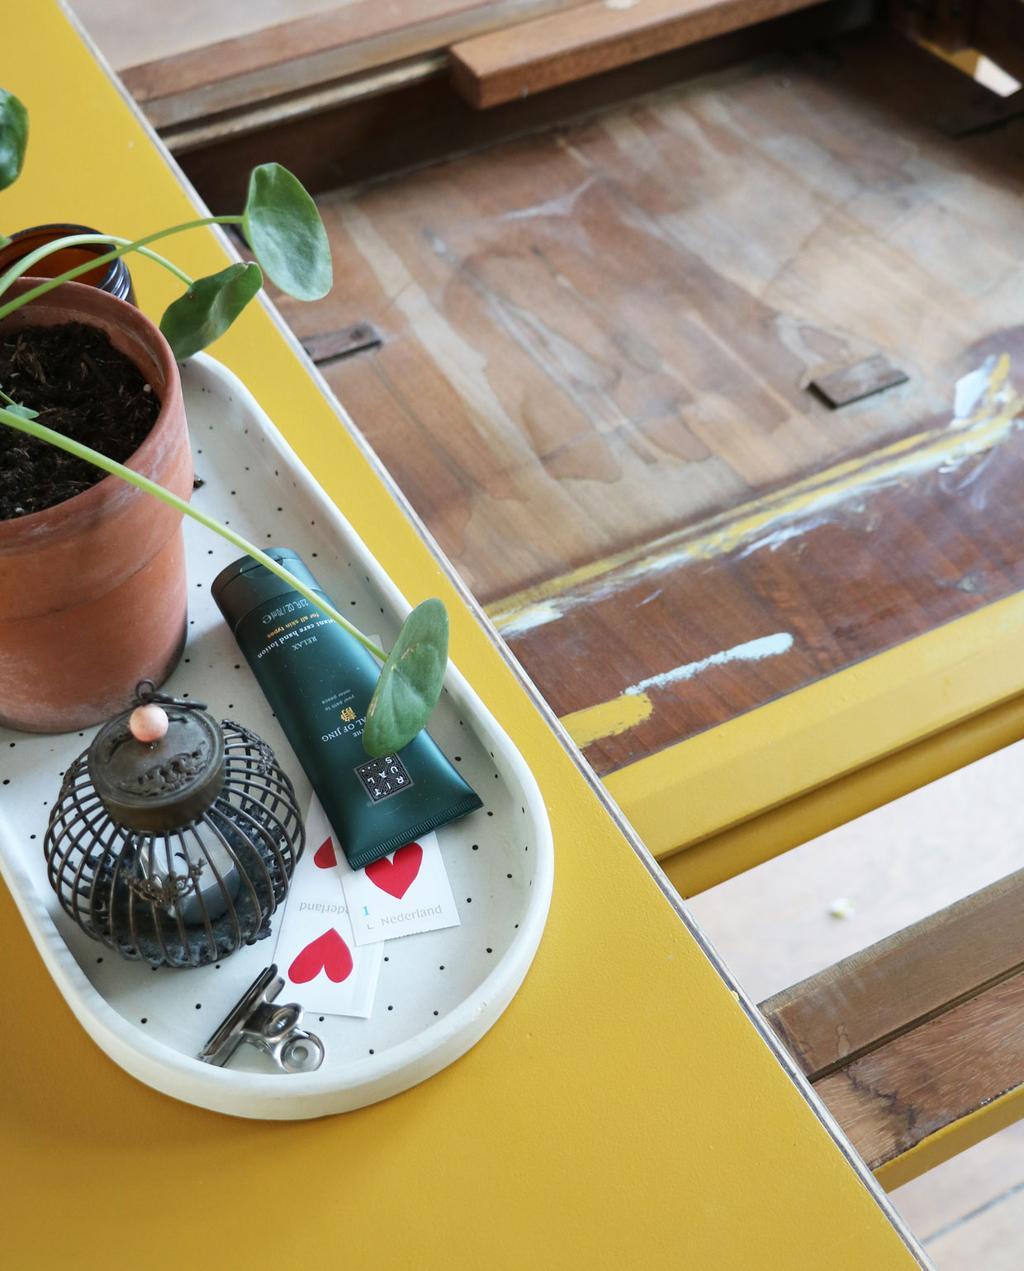 vtwonen en marktplaats   de interieurvondst van rolien: ronde uitschuifbare tafel    okergeel kastje